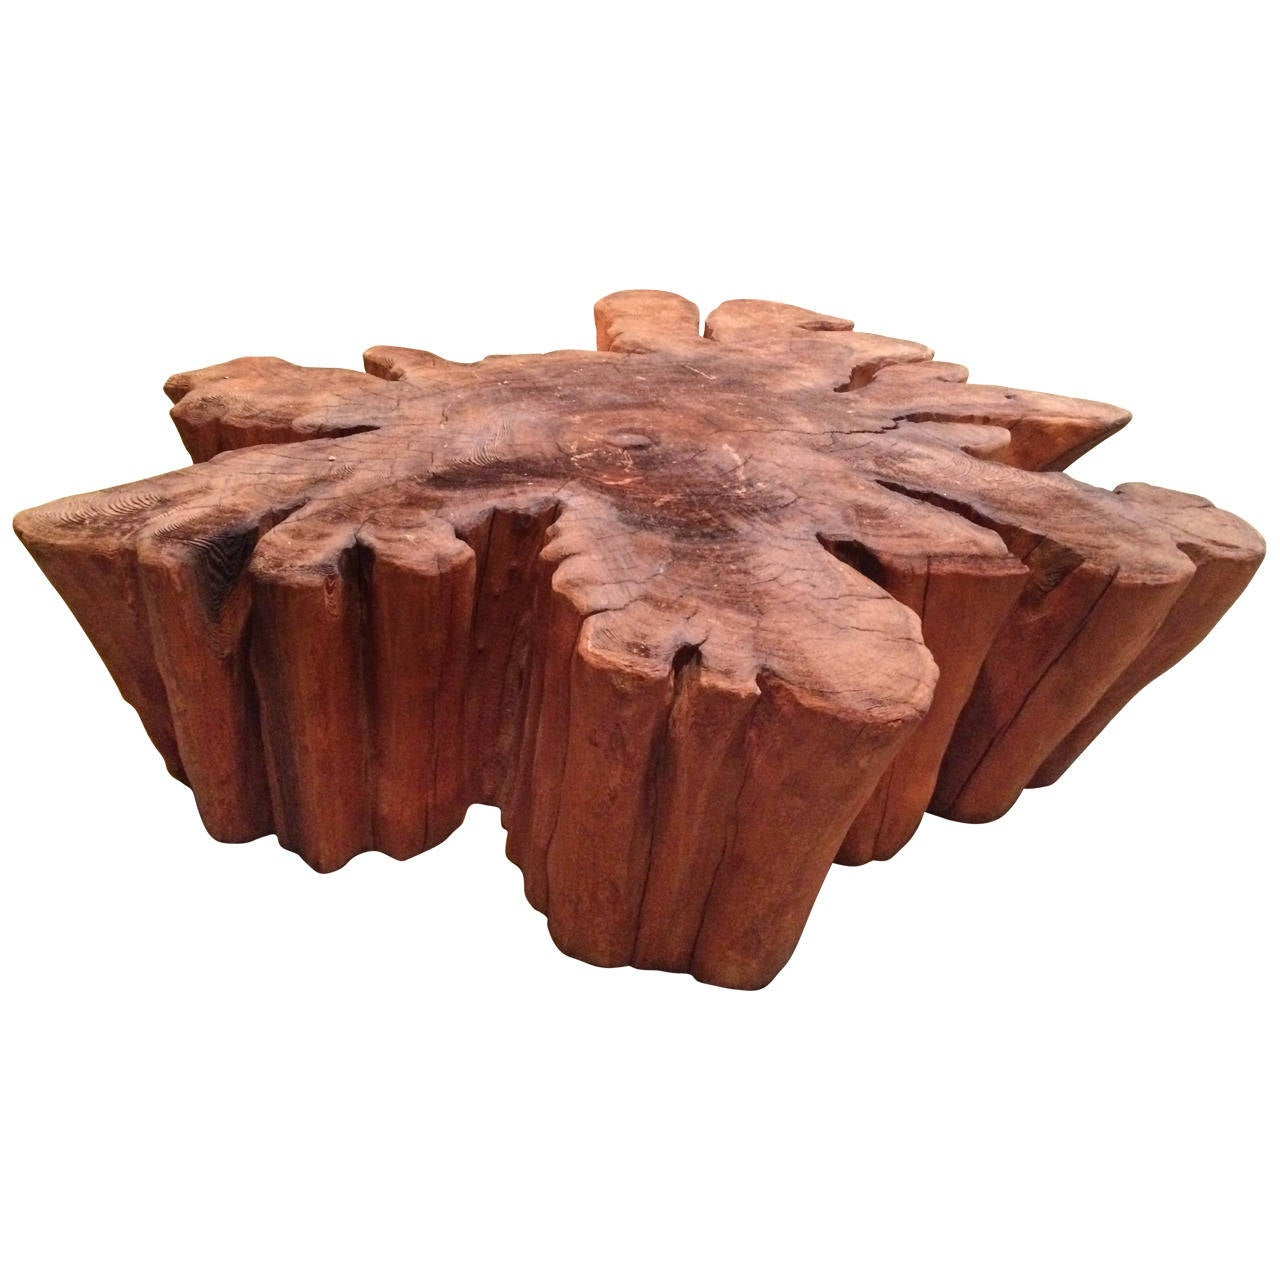 Slab Coffee Table: Redwood Live Edge Slab Coffee Table At 1stdibs